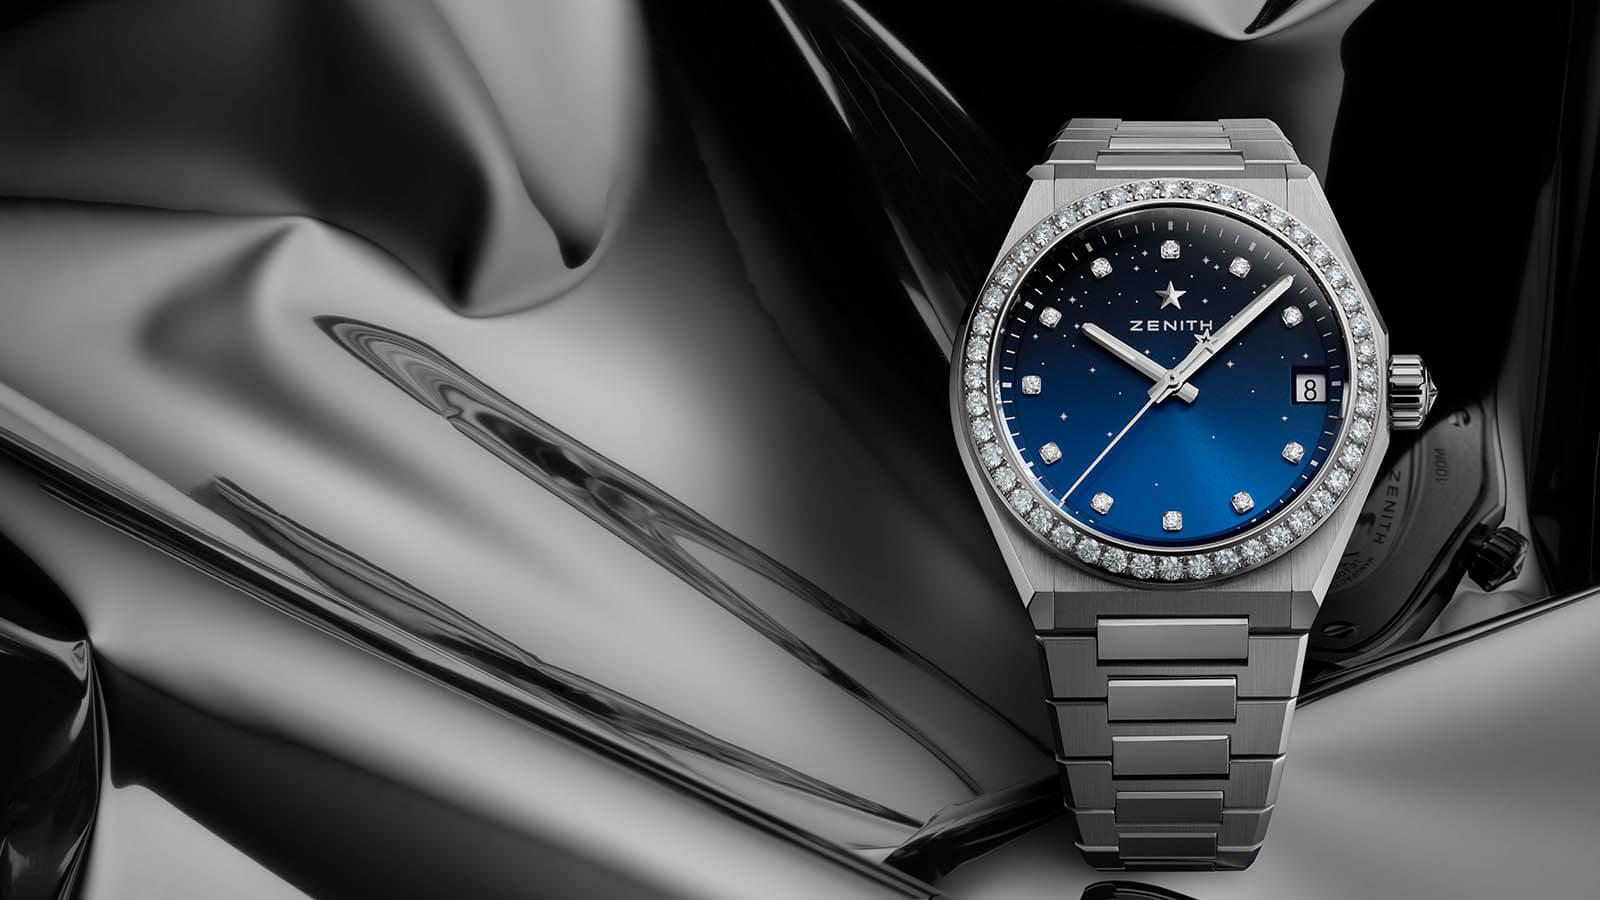 Zenith Defy Midnight mit blauem Zifferblatt und Diamantbesatz auf der Edelstahllünette